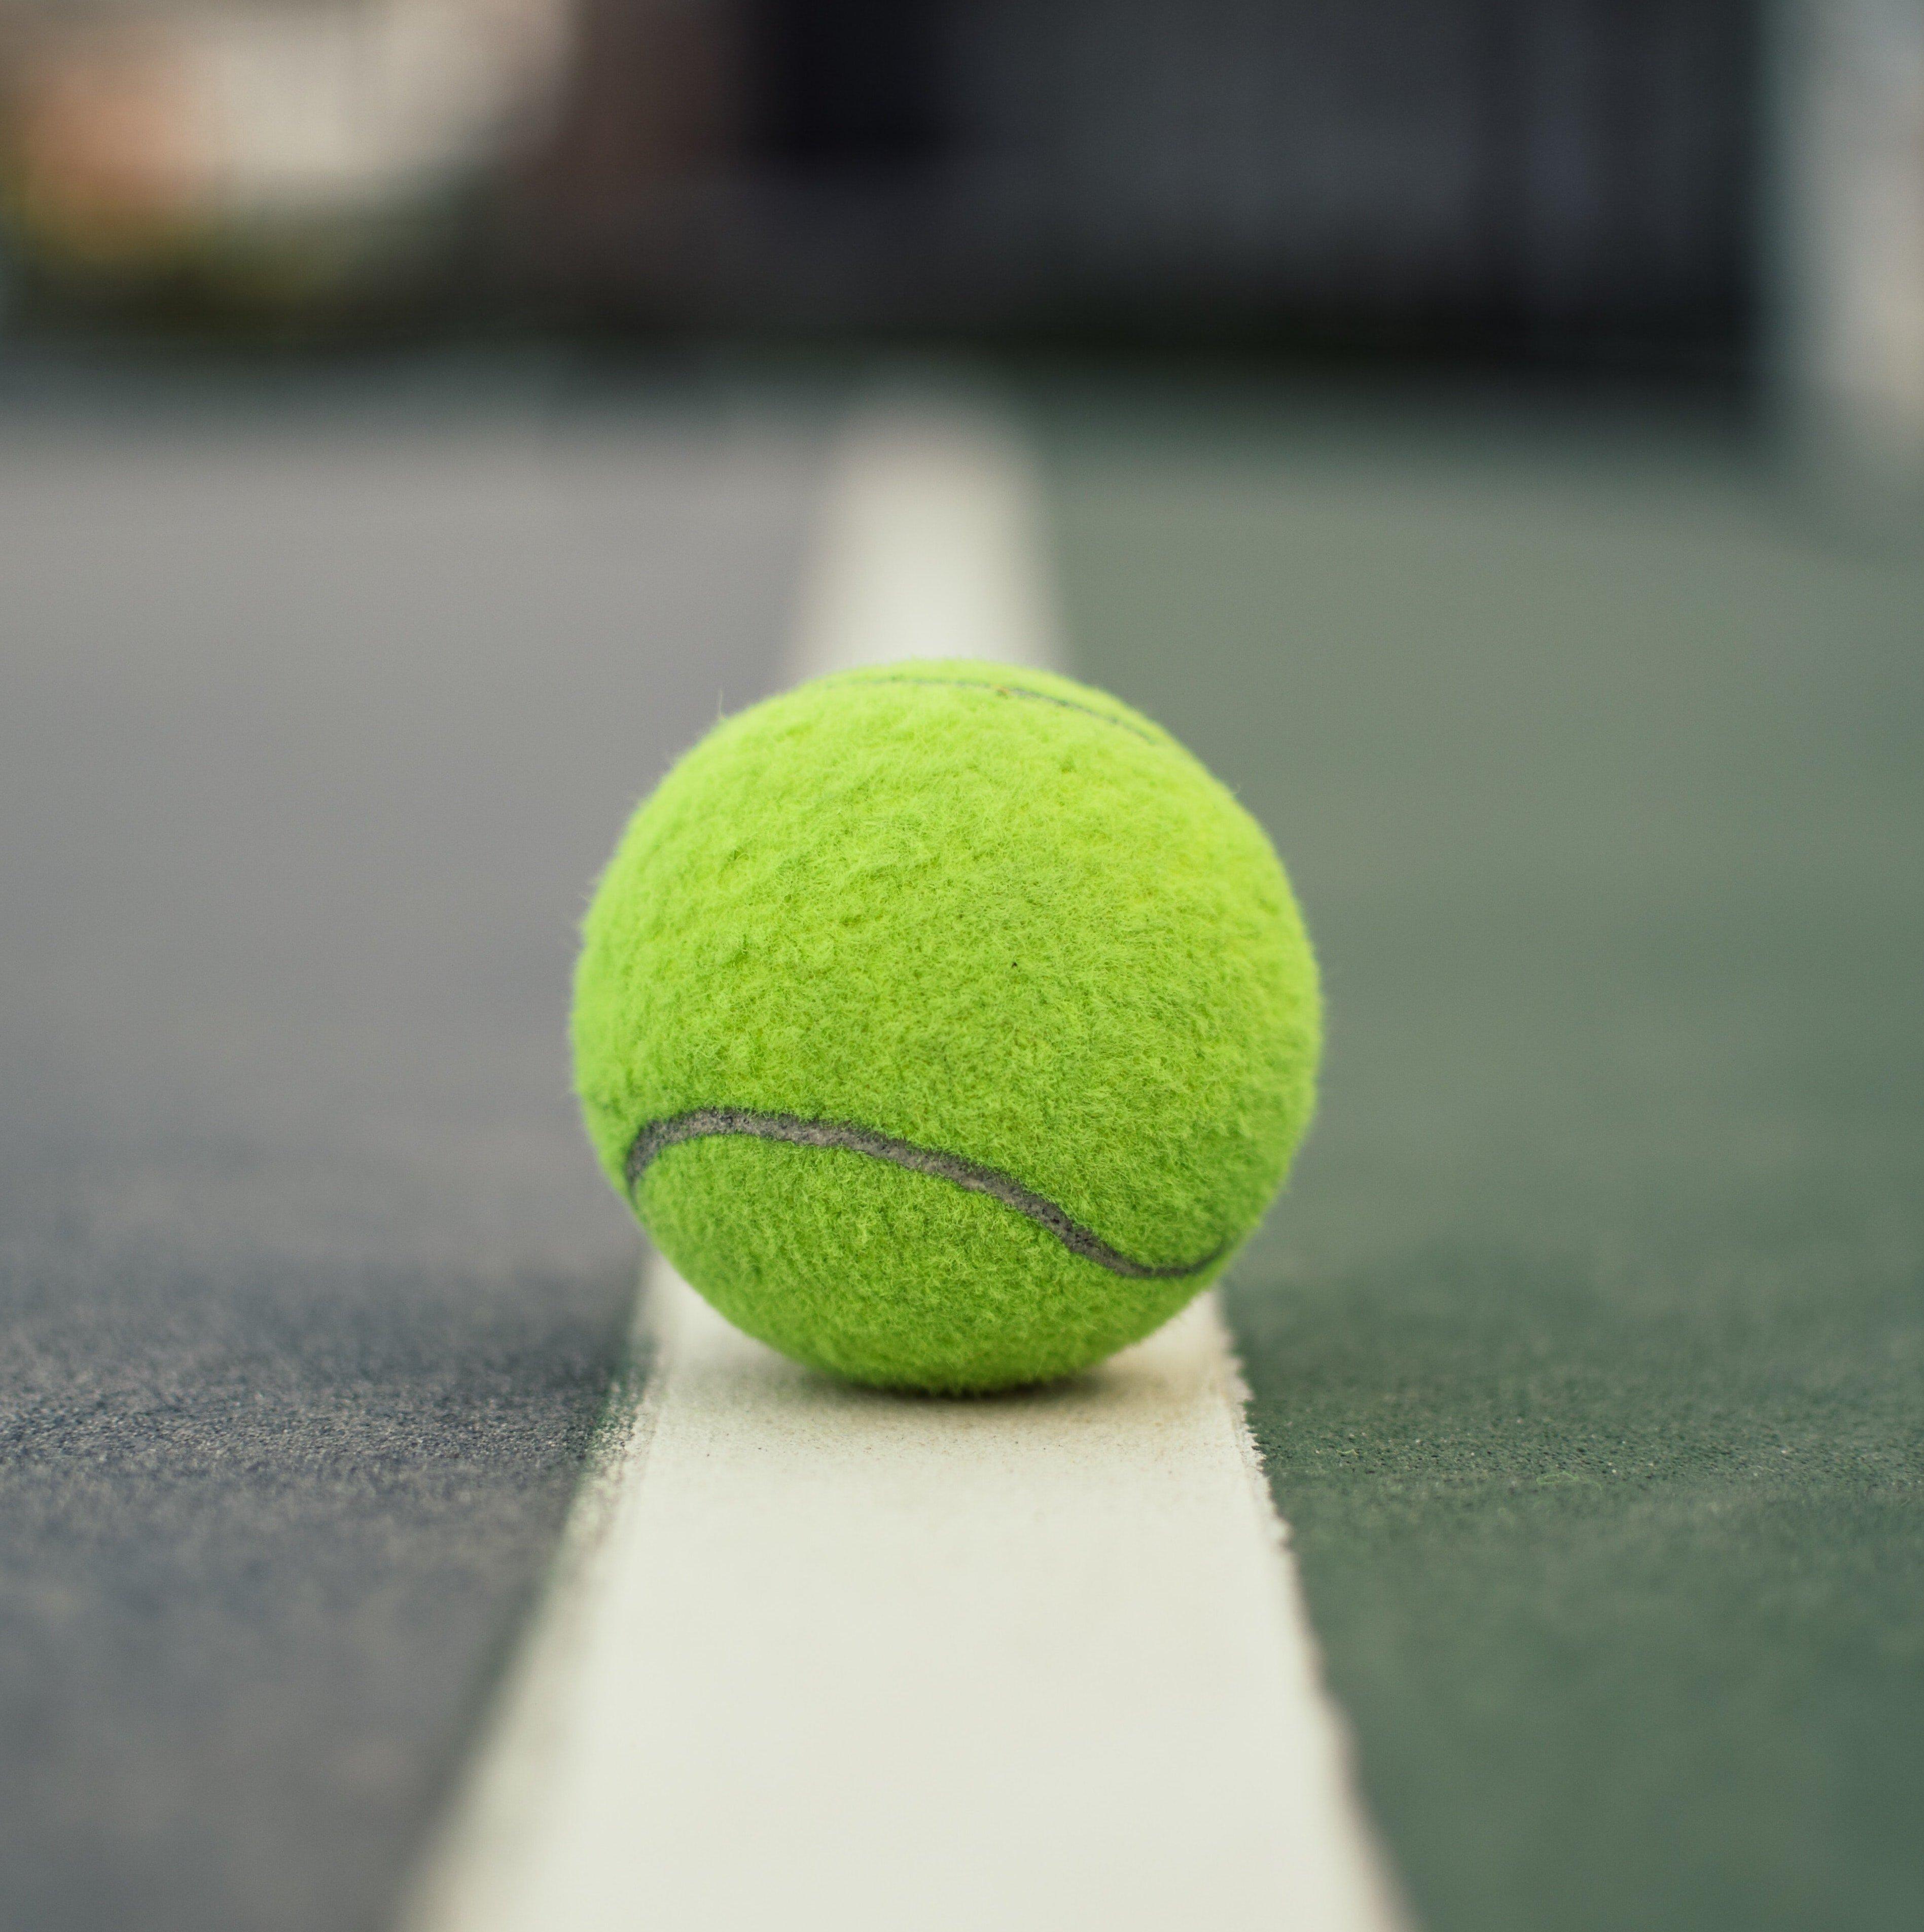 green-tennis-ball-on-court-1405355-1